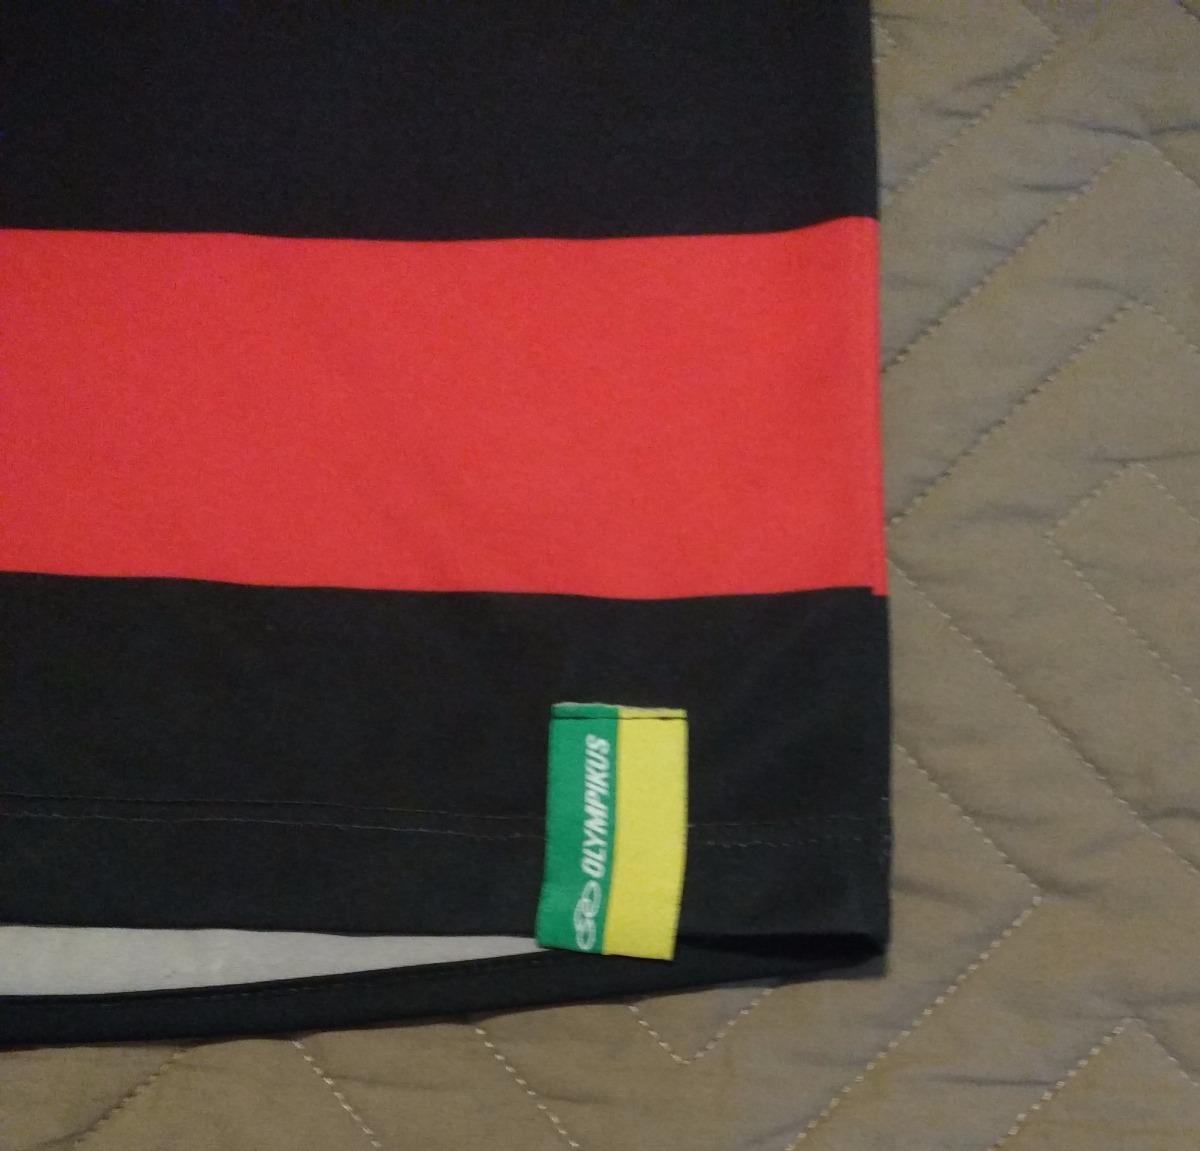 camisa flamengo oficial original hexa. Carregando zoom. 7003fcb857163